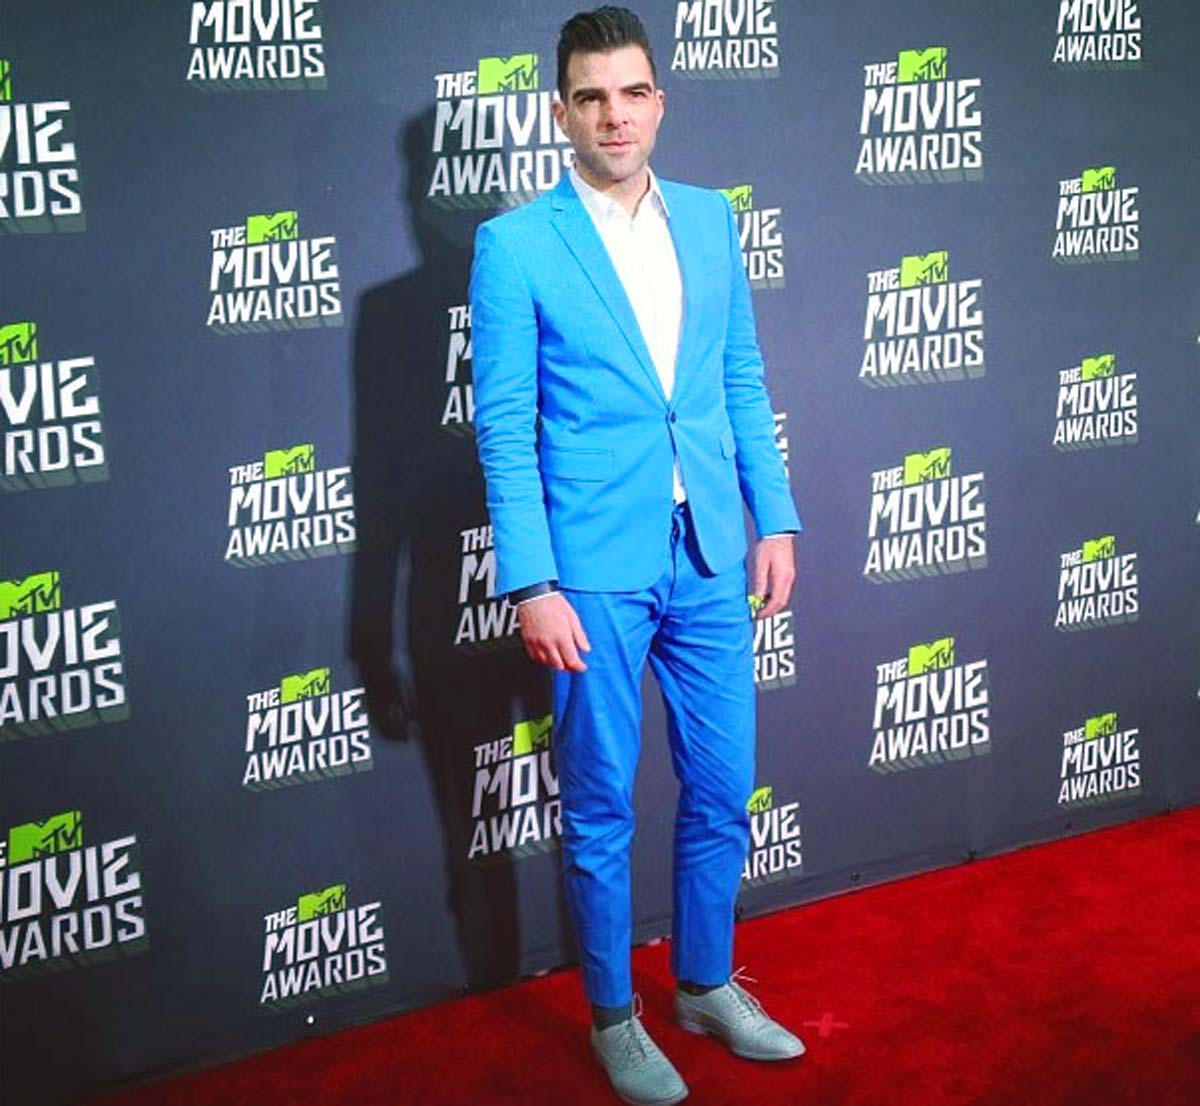 Zachary Quinto MTV Movie Awards 2013